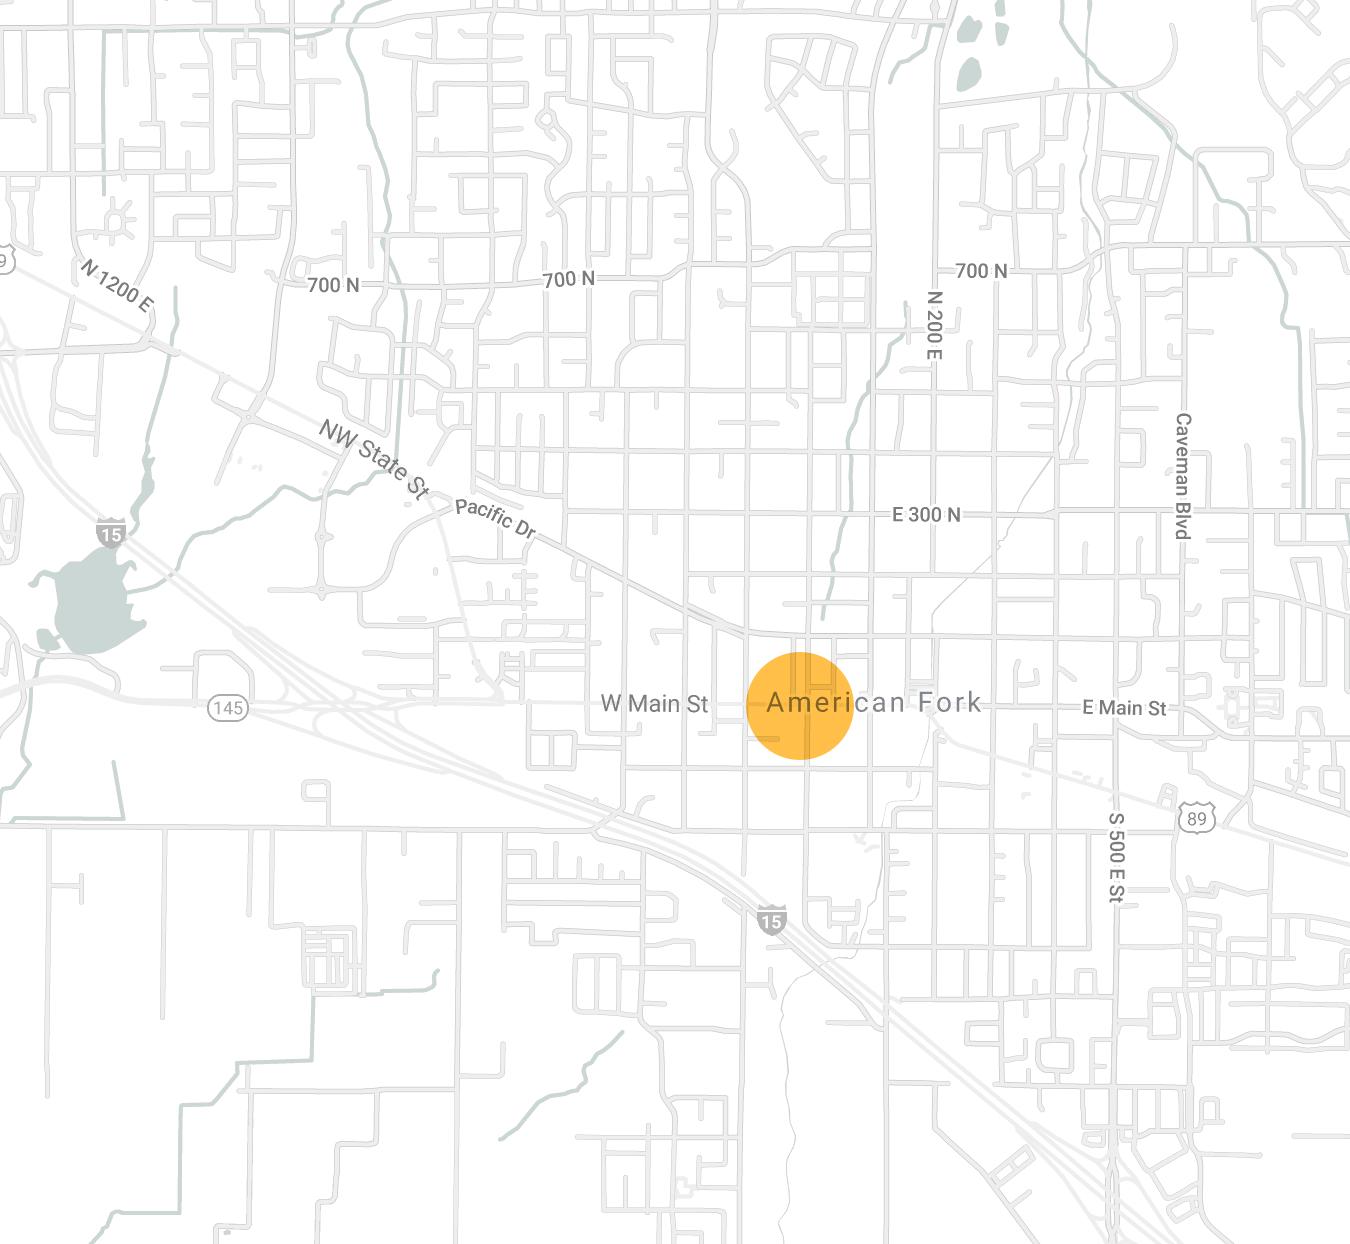 Ten South Center, American Fork, UT